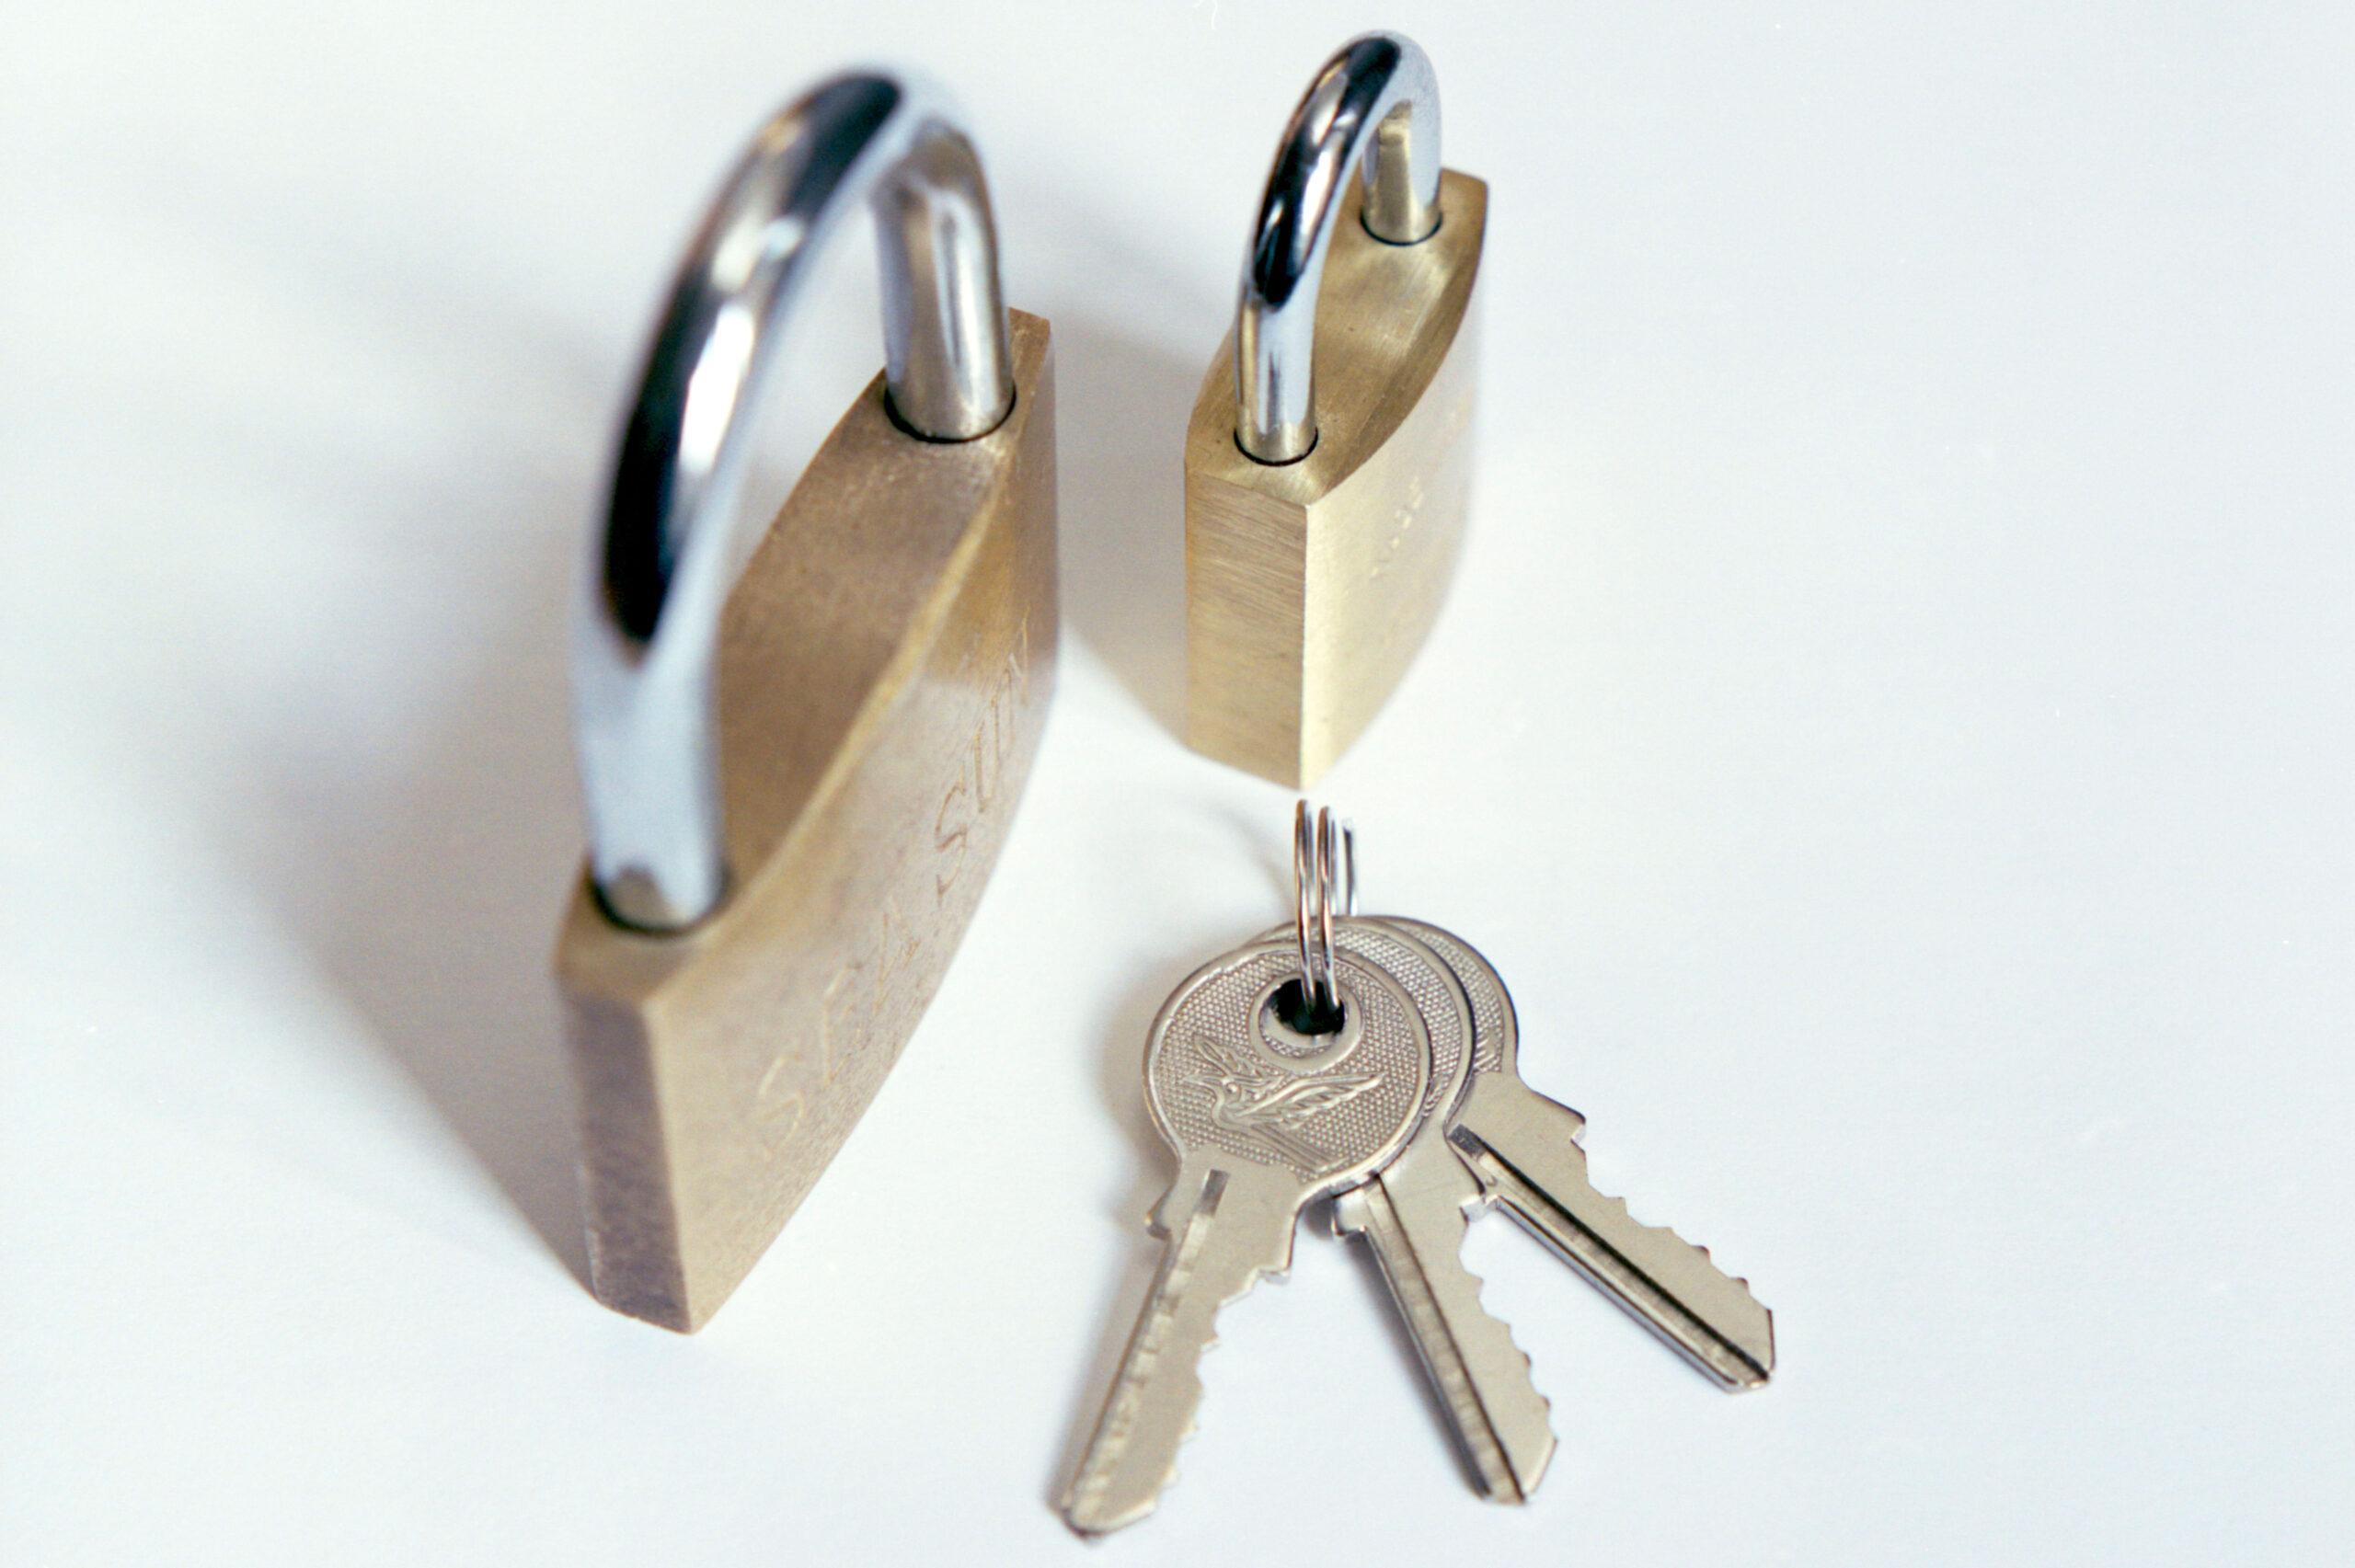 Hänglås och nycklar